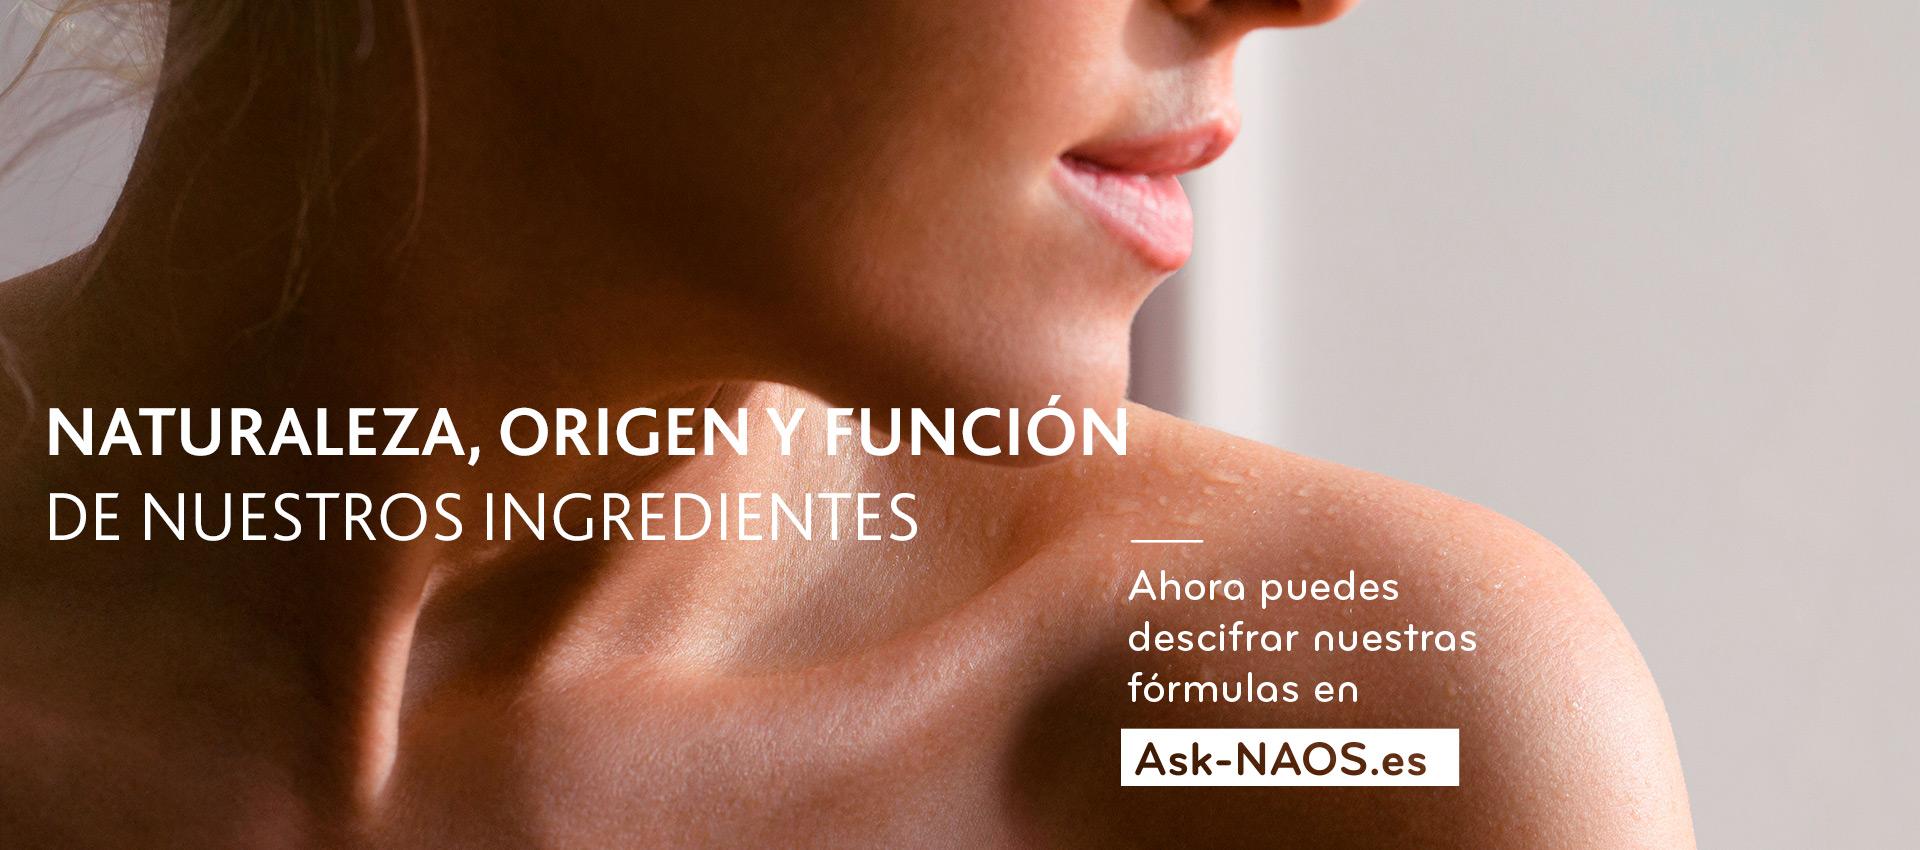 Ask NAOS